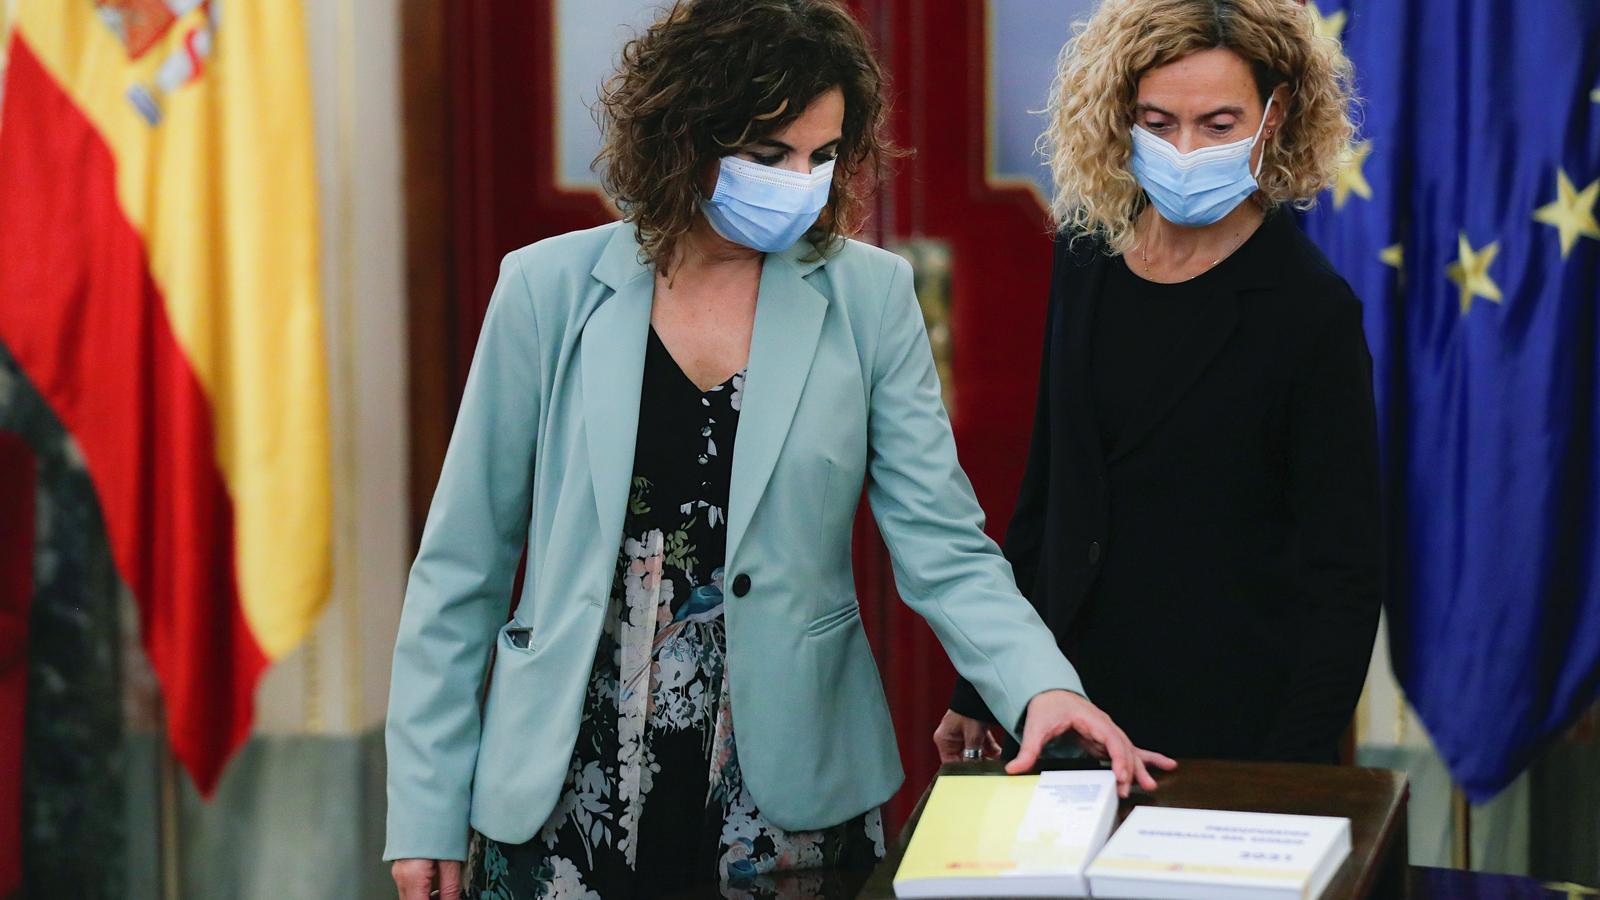 La ministra d'Hisenda, María Jesús Montero (e), al costat de la presidenta del Congrés, Meritxell Batet,  amb el projecte de pressupostos generals de l'Estat per al 2021